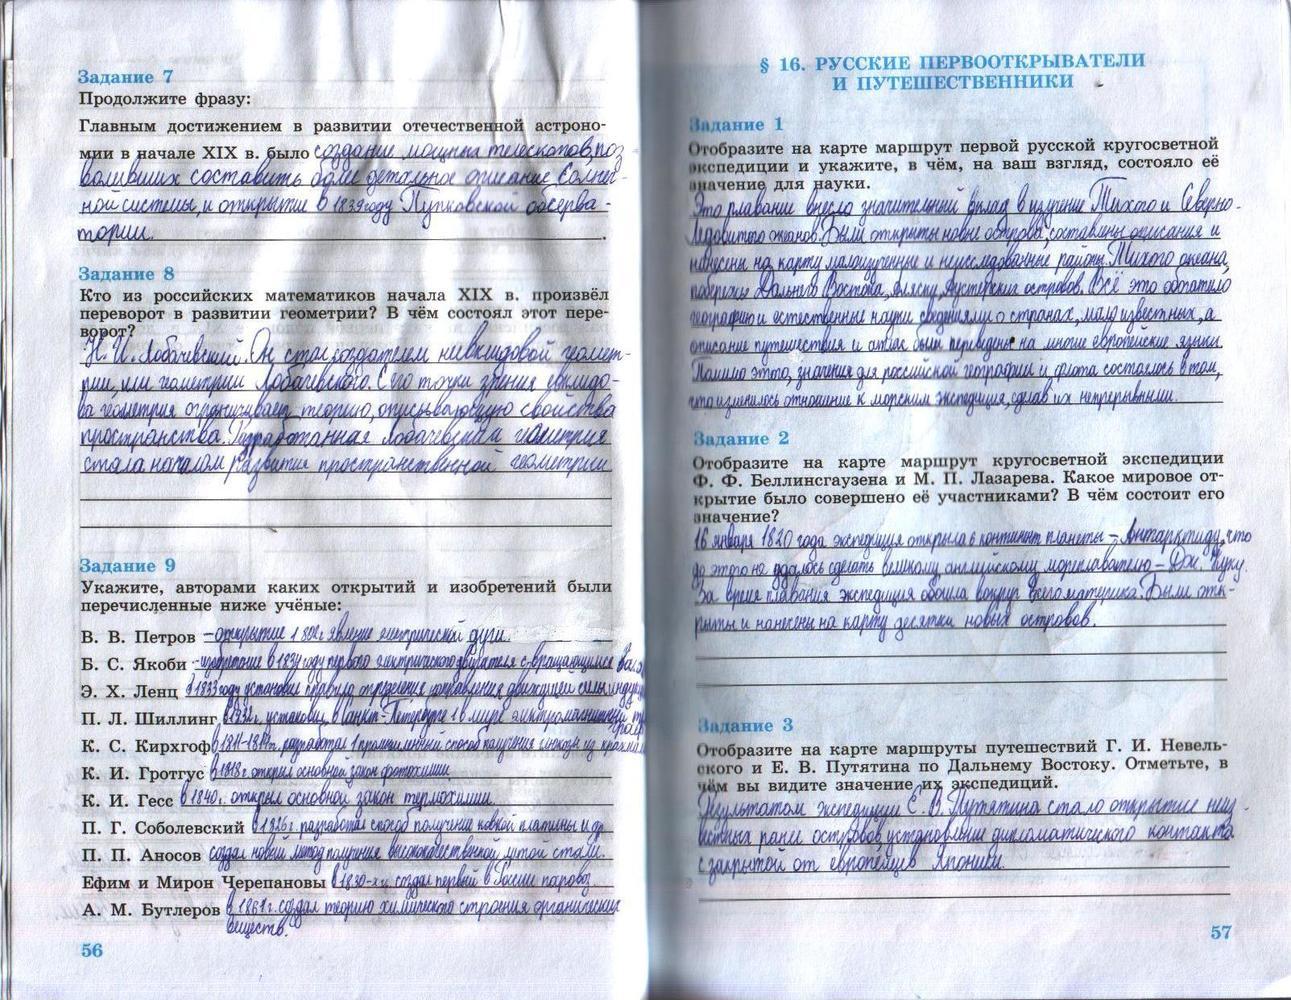 Гдз по истории за 8 класс данилов косулина 1 часть